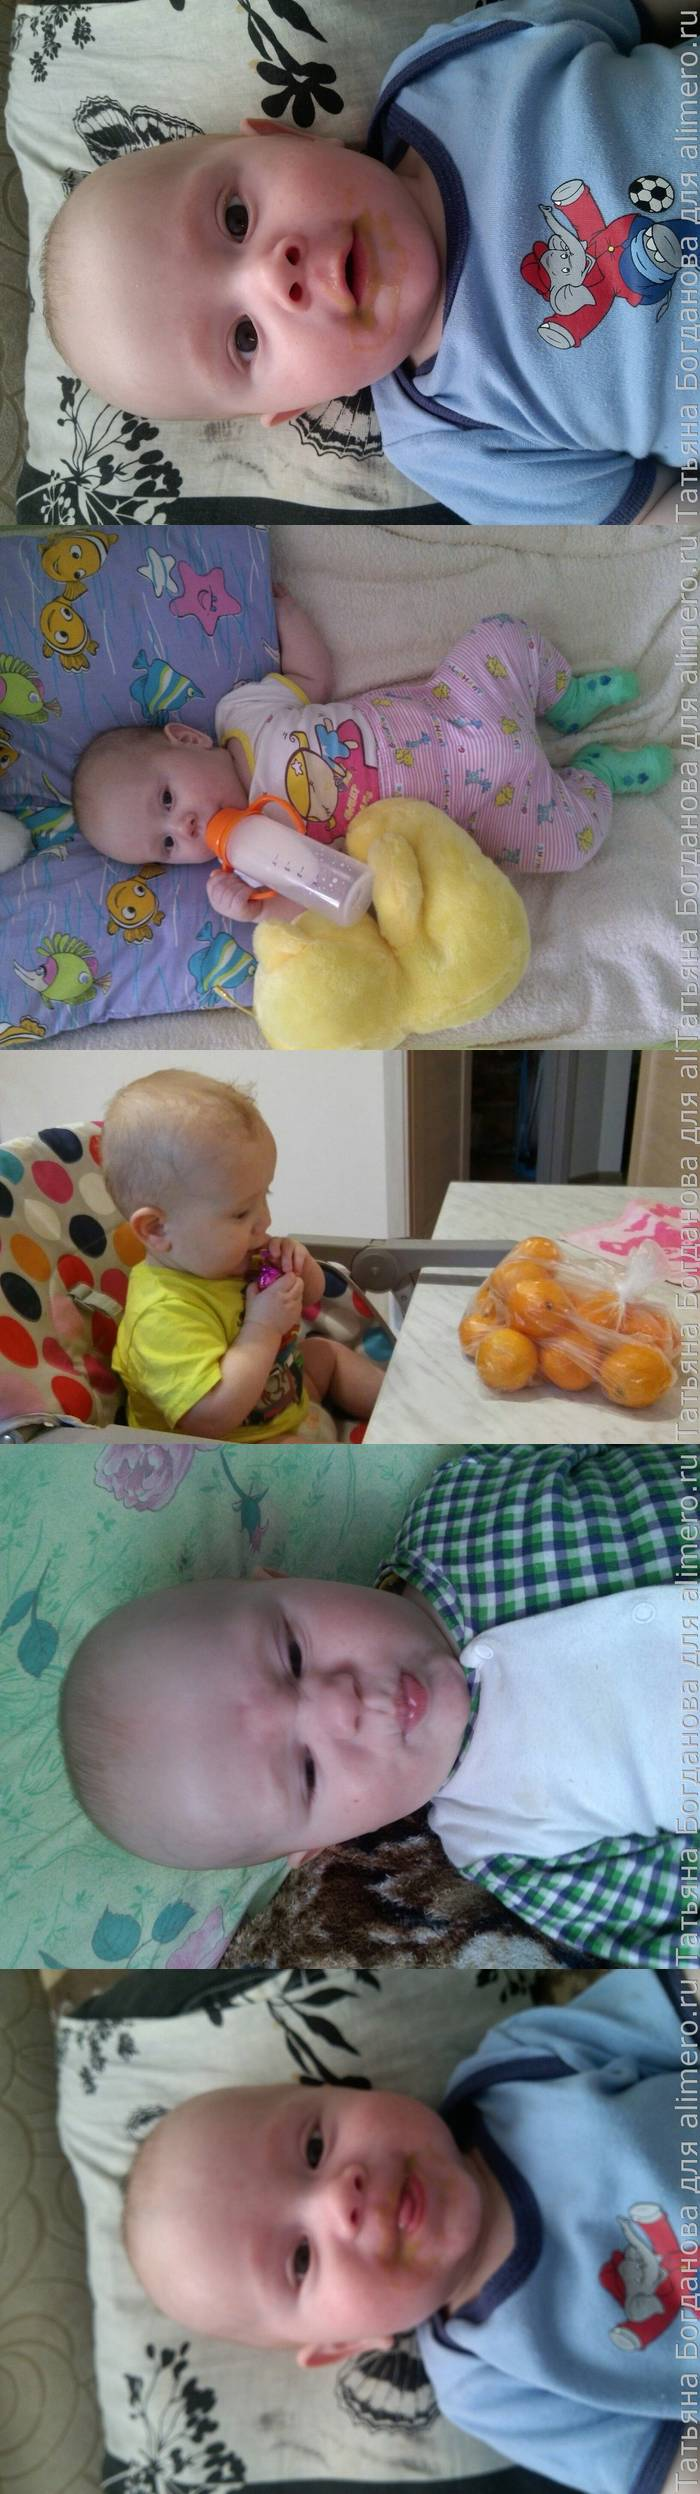 Первый прикорм малыша. Мой опыт